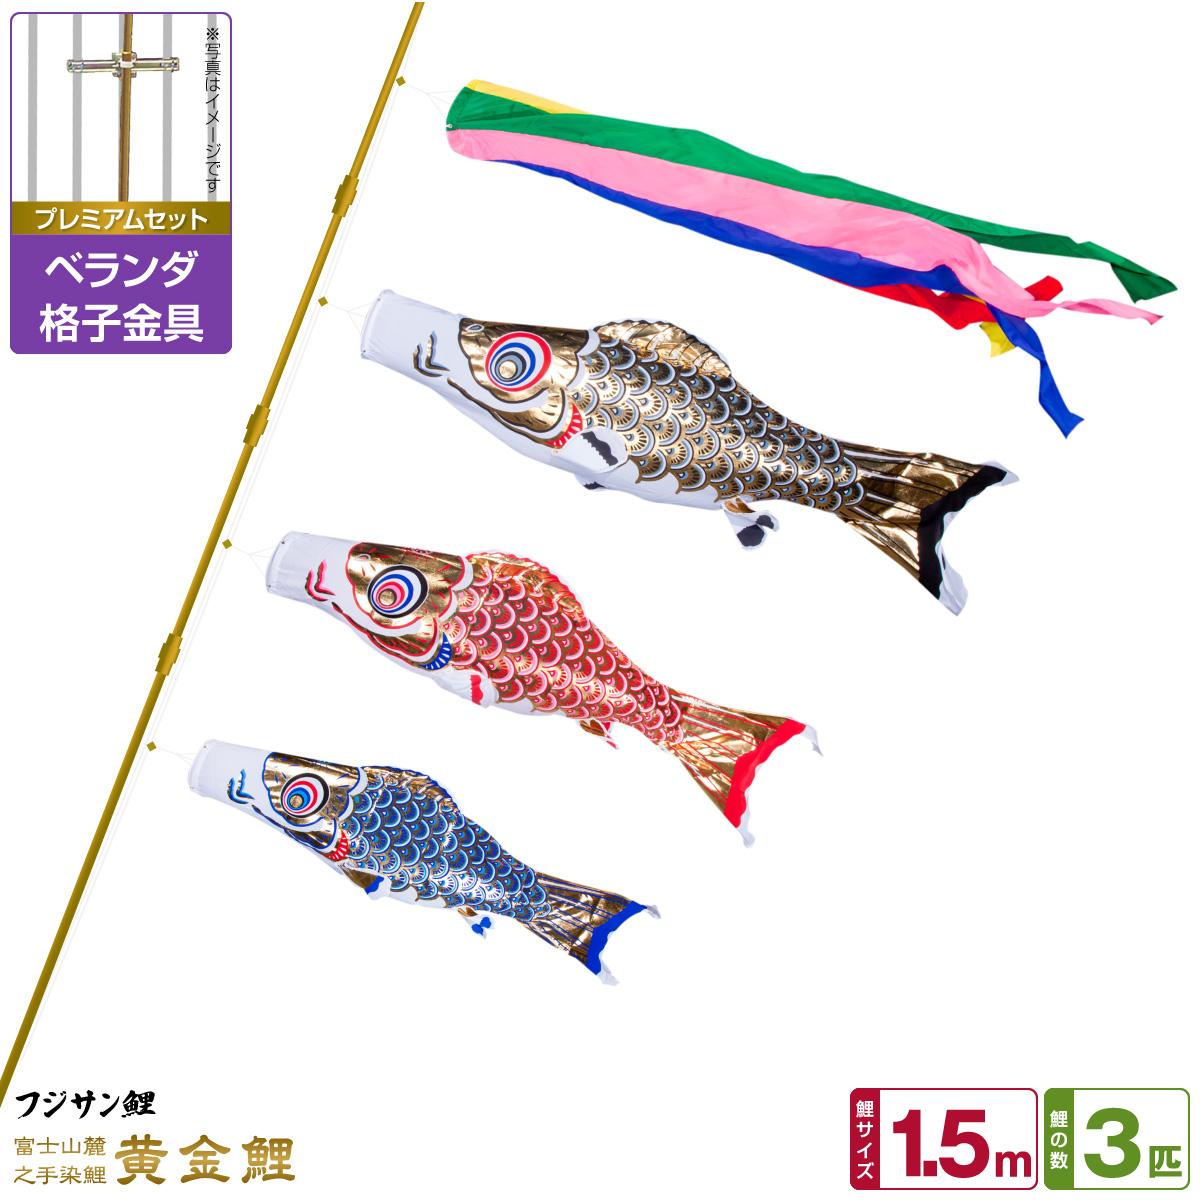 ベランダ用 こいのぼり 鯉のぼり フジサン鯉 黄金鯉 1.5m 6点(吹流し+鯉3匹+矢車+ロープ)/プレミアムセット(格子金具)